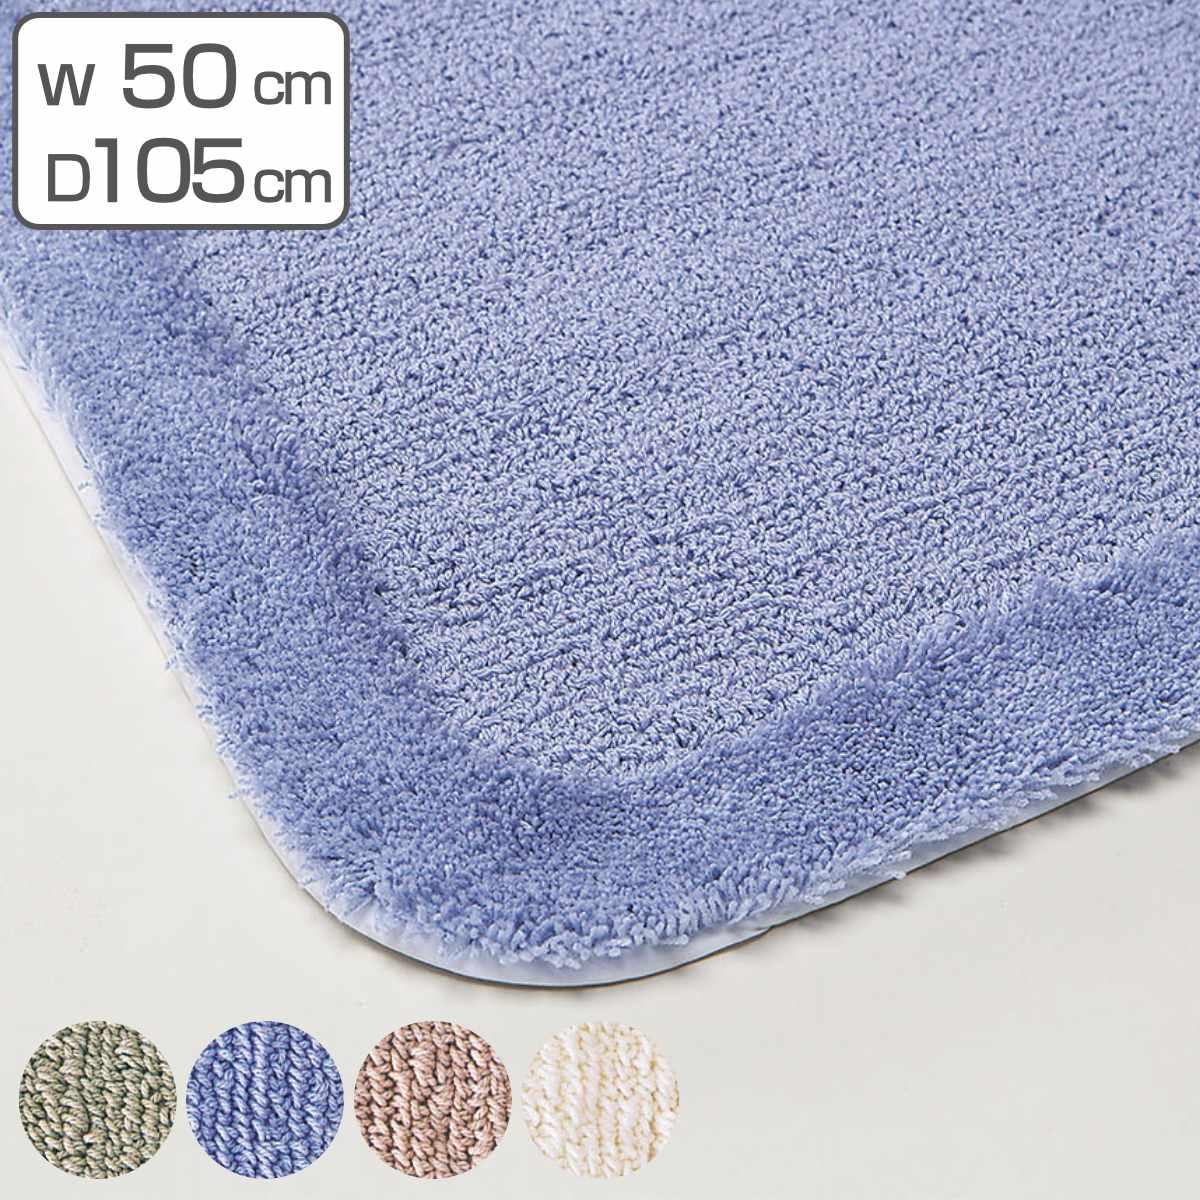 バスマット業務用 吸水ループパイル ノンスリップ抗菌仕様  50×105    ( 足拭き 風呂マット 送料無料 )